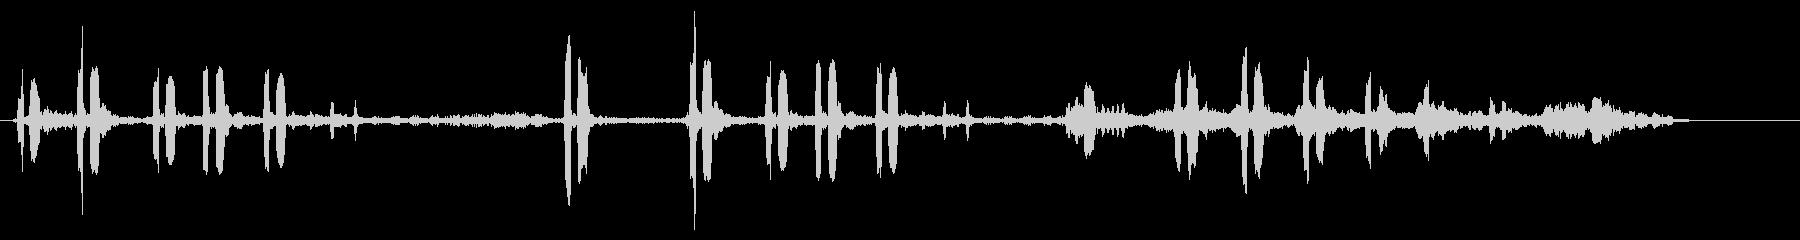 カッコウの未再生の波形